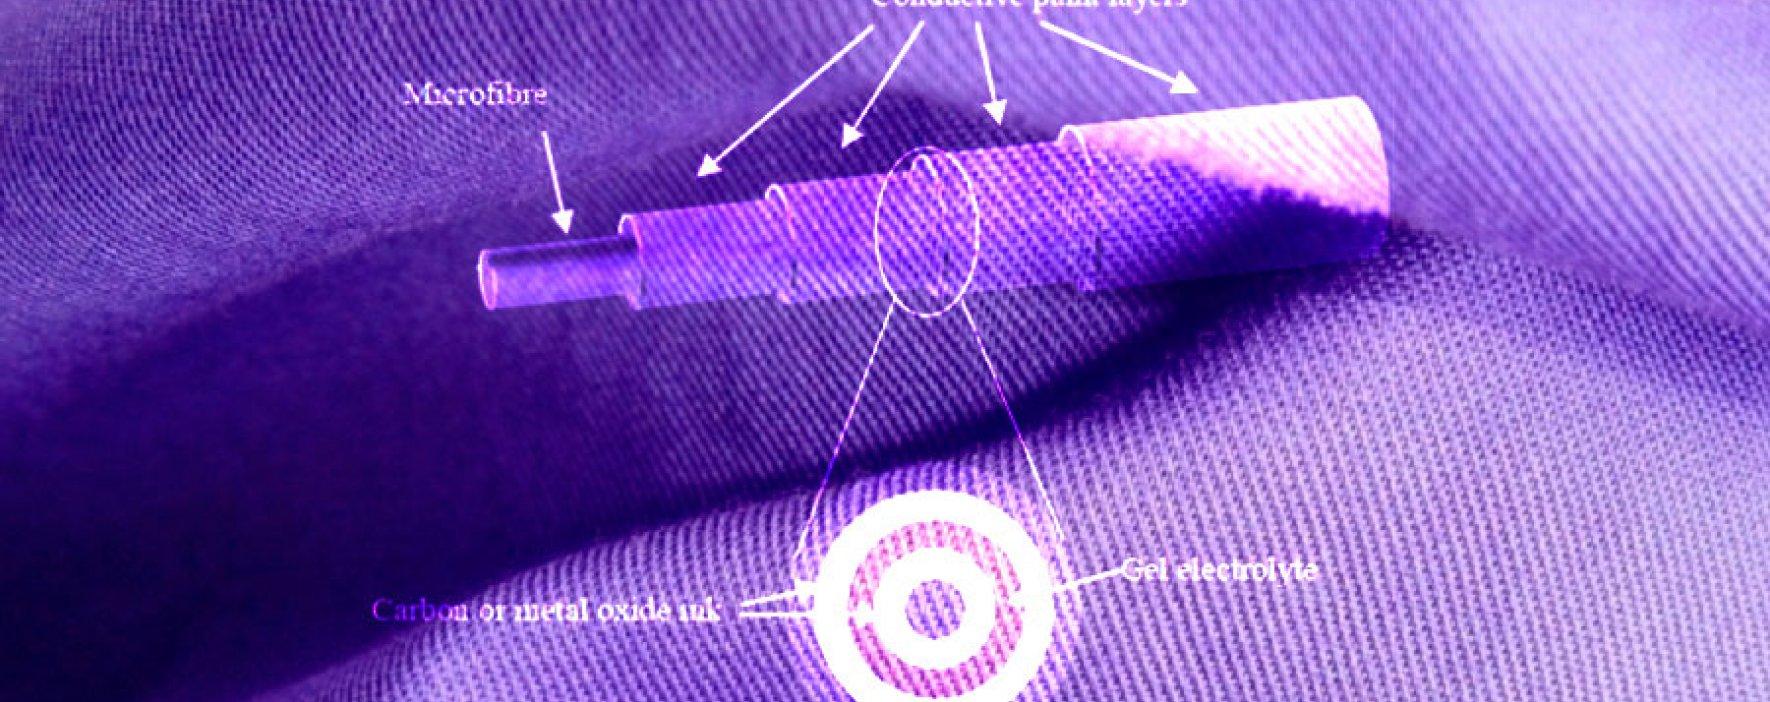 La ropa podrá ser fuente de energía